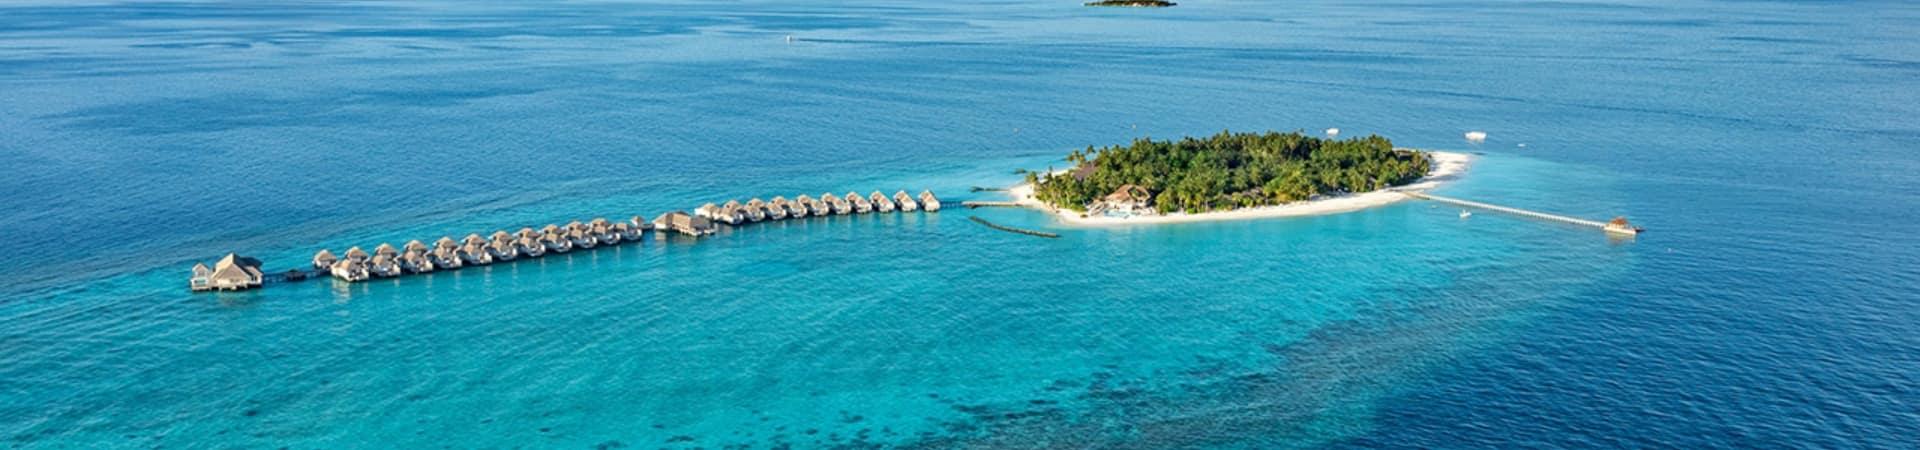 Baglioni maldives vista aerea